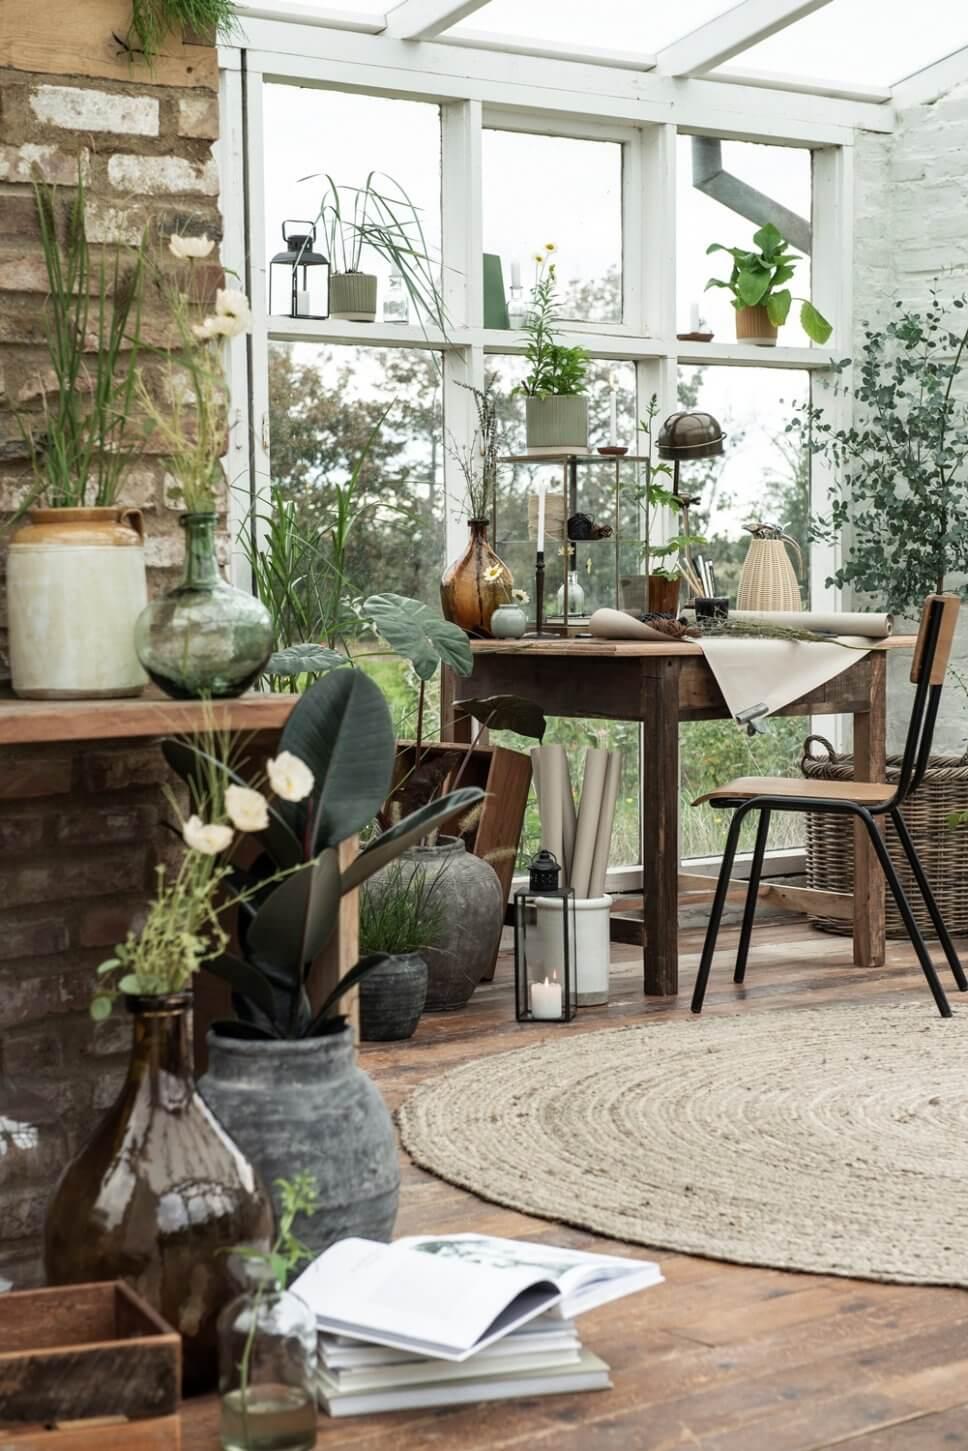 Gemütlich mit Holzmöbeln und vielen Zimmerpflanzen eingerichtetes Zimmer in skandinavischem Ferienhaus